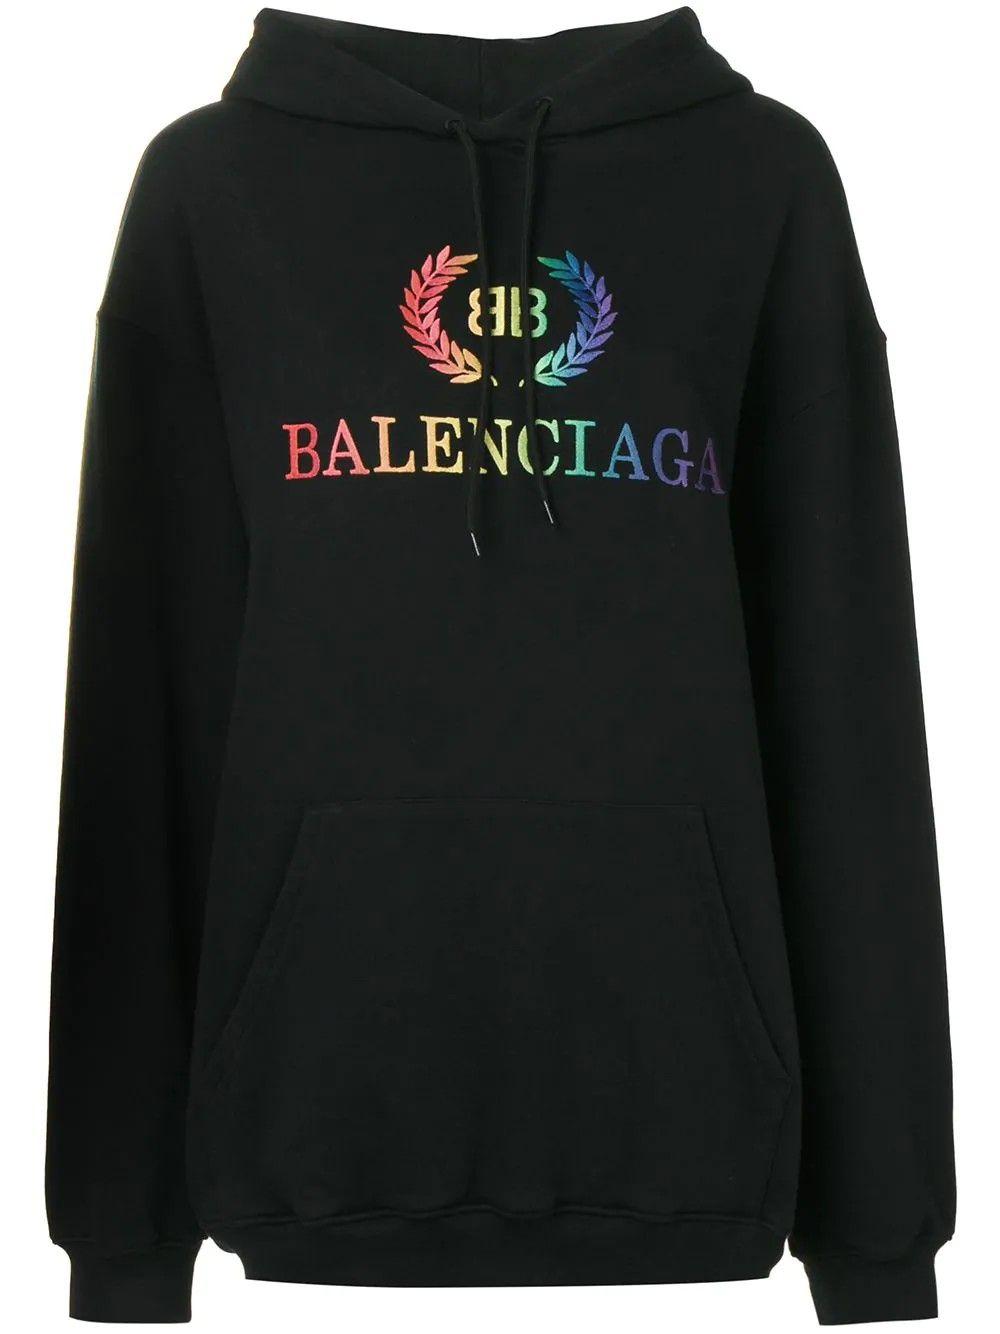 compañero matriz Línea de visión  BALENCIAGA Laurier Hoodie (con imágenes) | Capuchas, Marca de ropa, Ropa